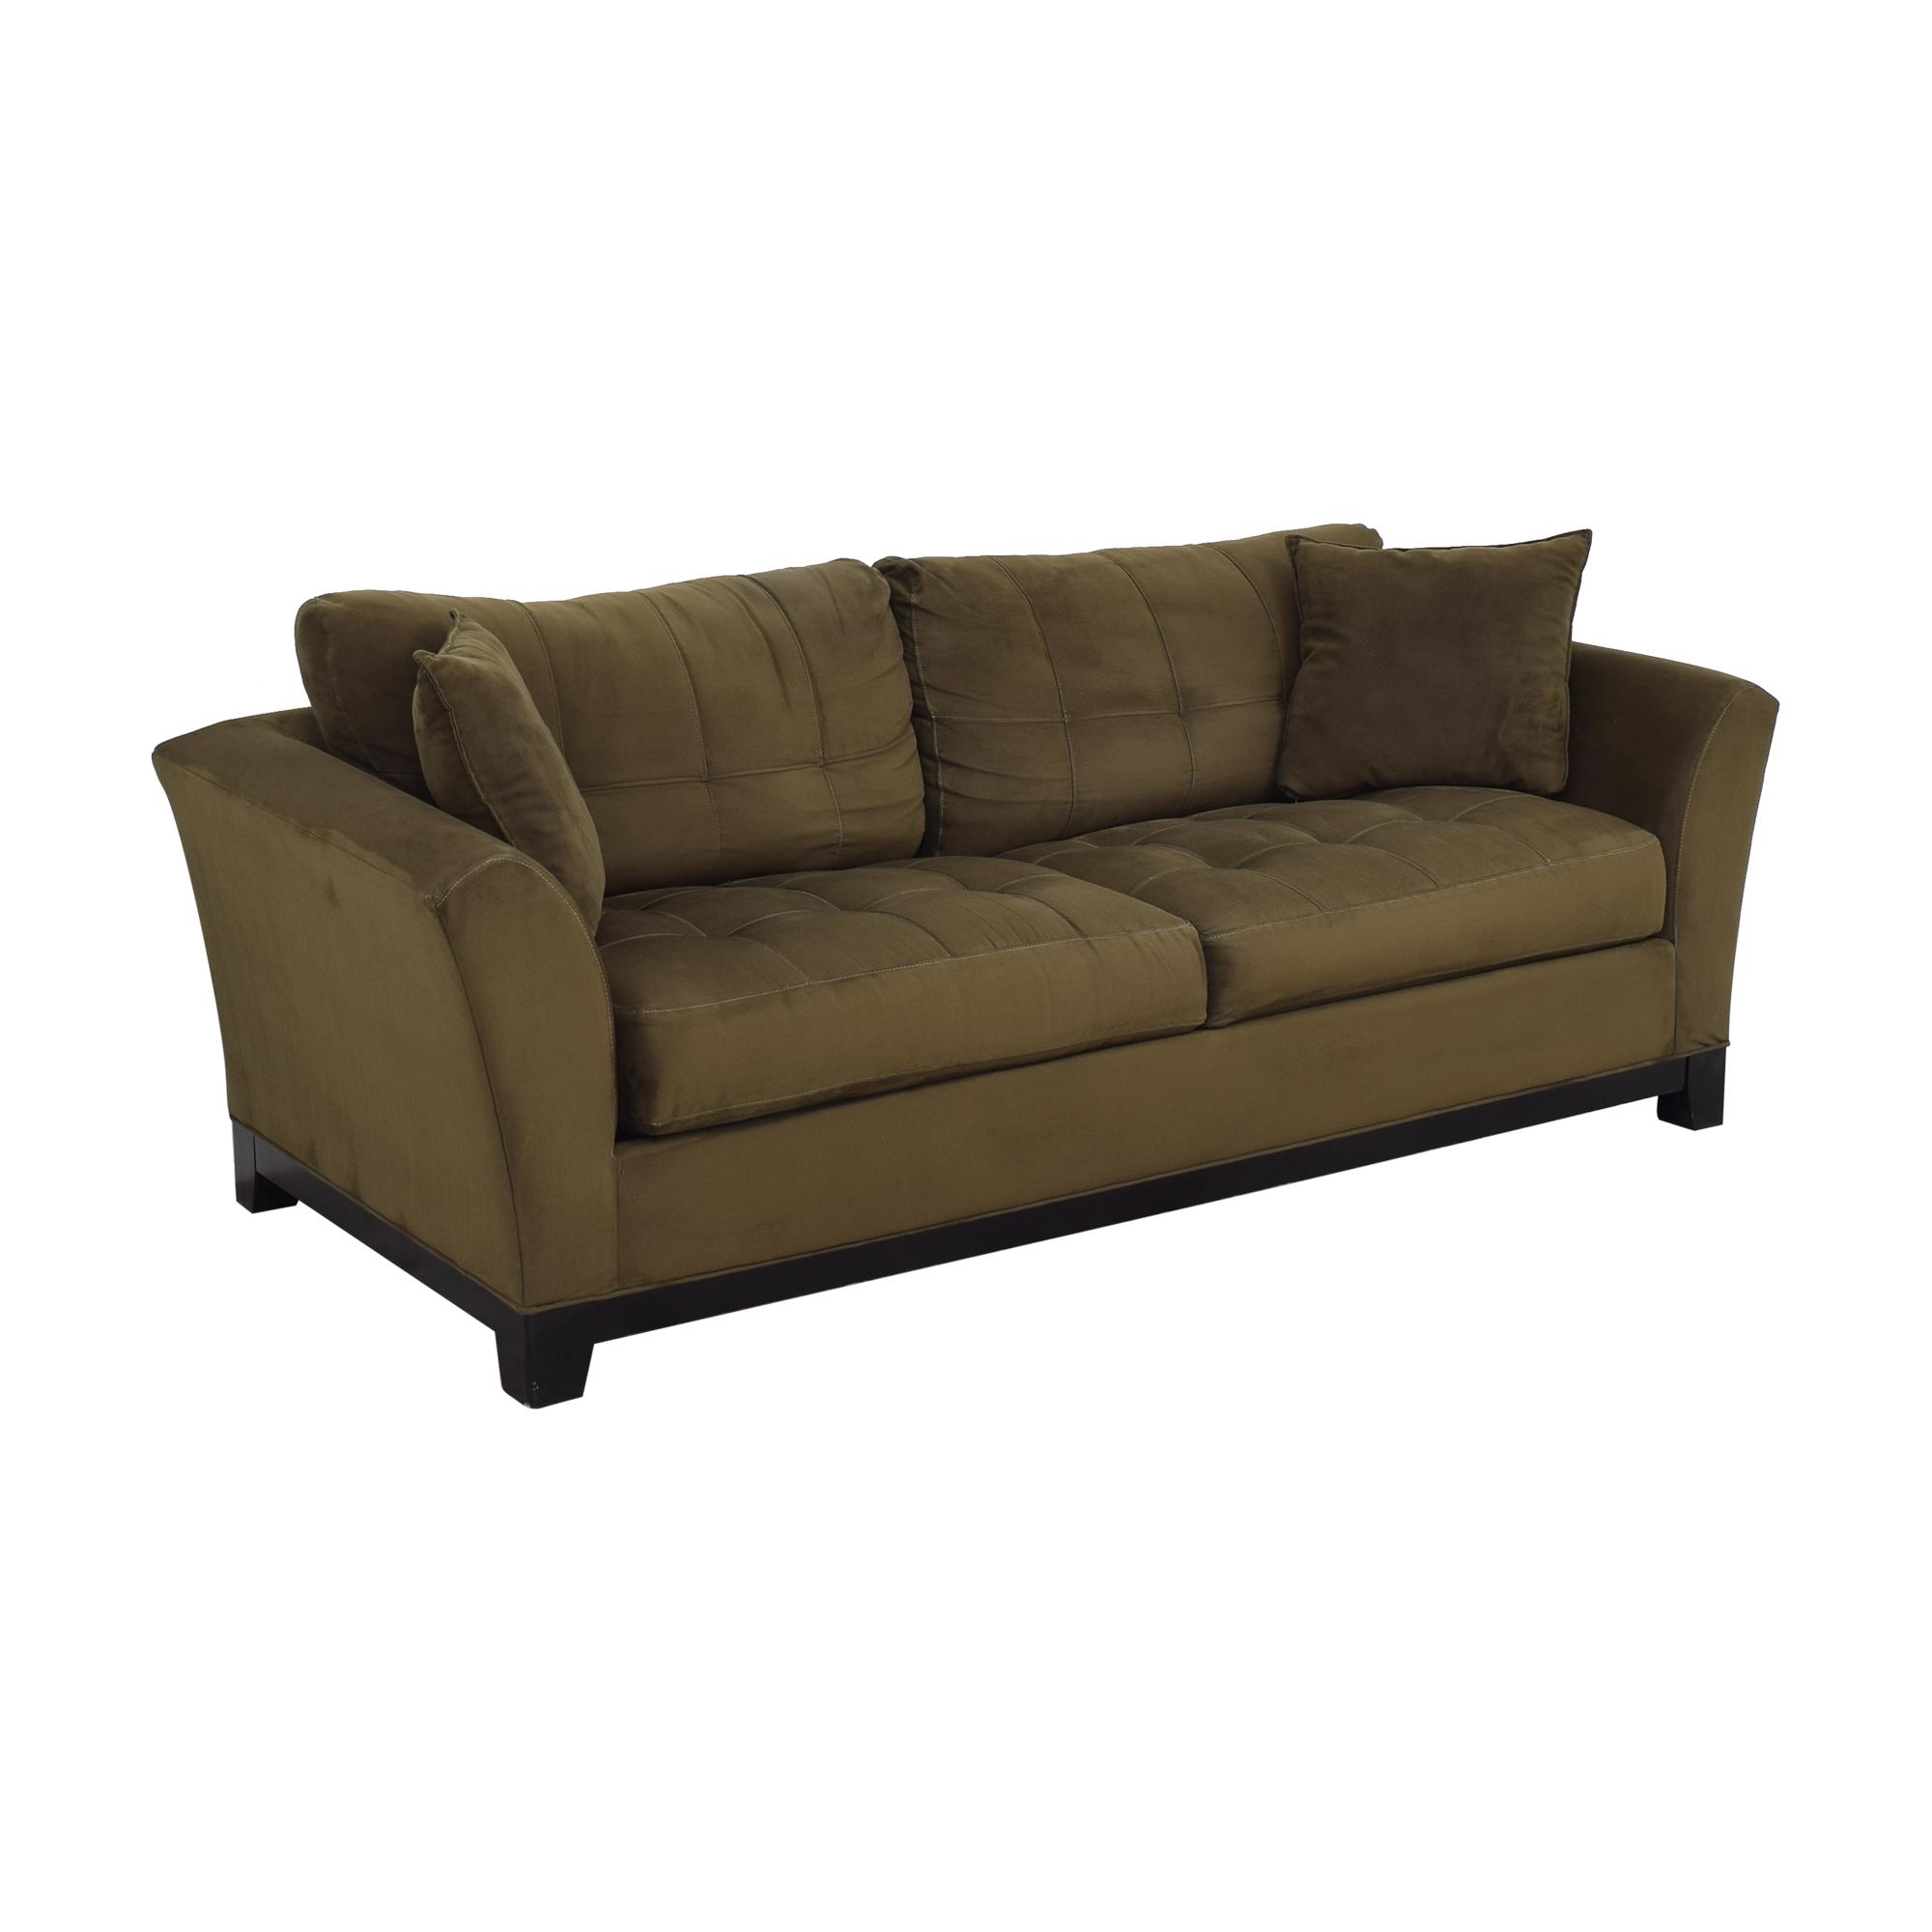 HM Richards Furniture HM Richards Furniture Loveseat with Ottoman Loveseats